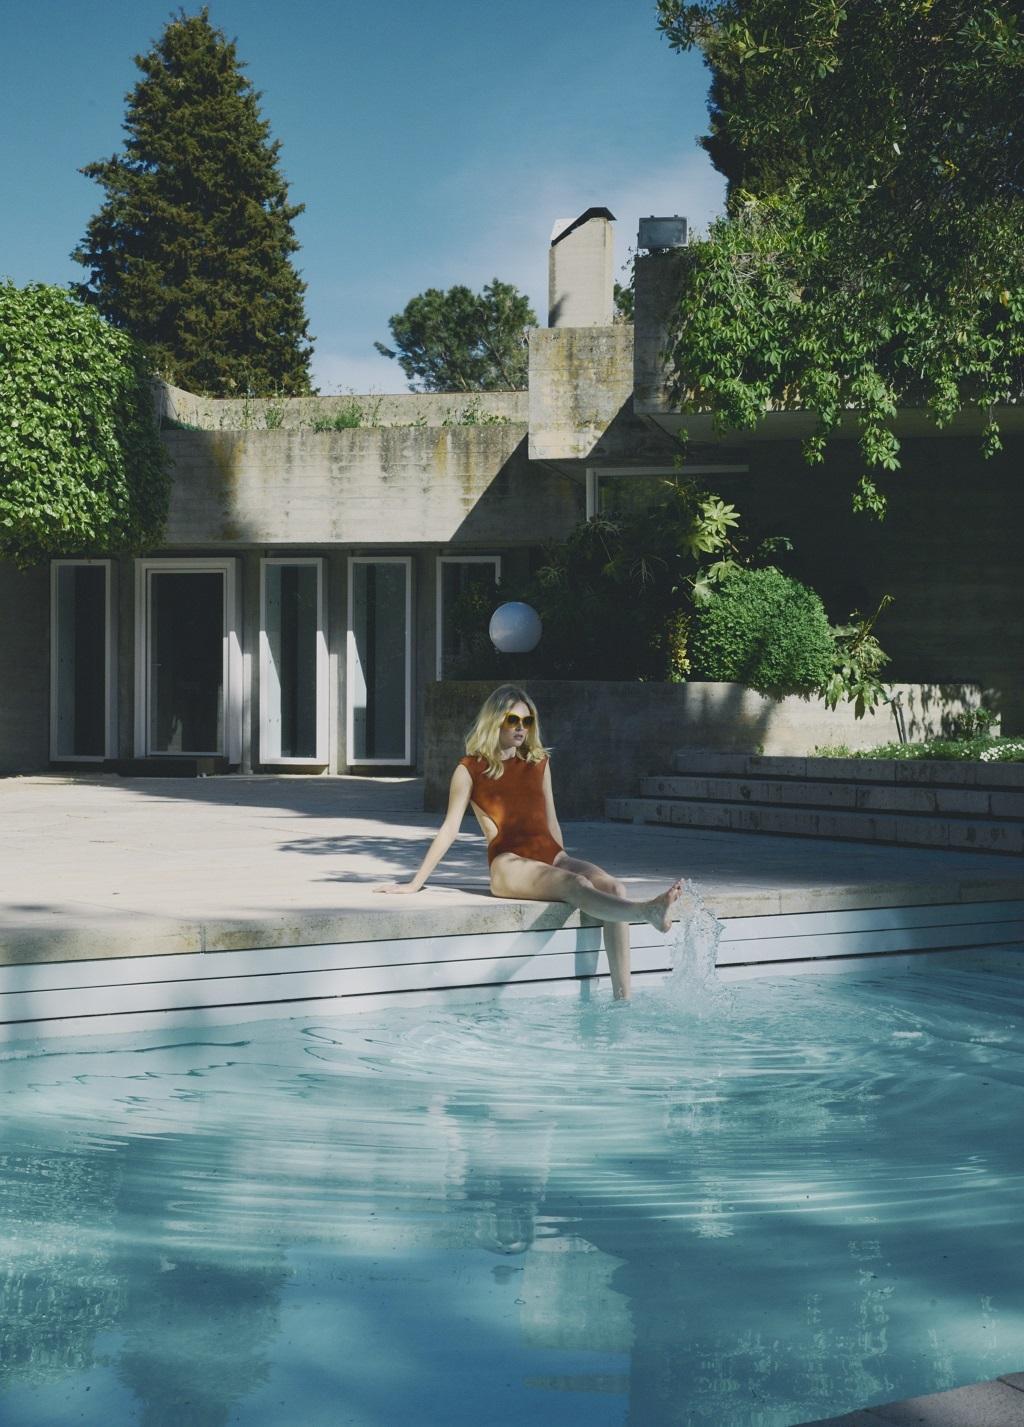 Enmarcada dentro de unos de los ejemplos más representativos de la arquitectura brutalista de los 60 en España, la Casa Carvajal, la modelo lleva body de punto de seda de Hermès y gafas de sol de Dolce & Gabbana.